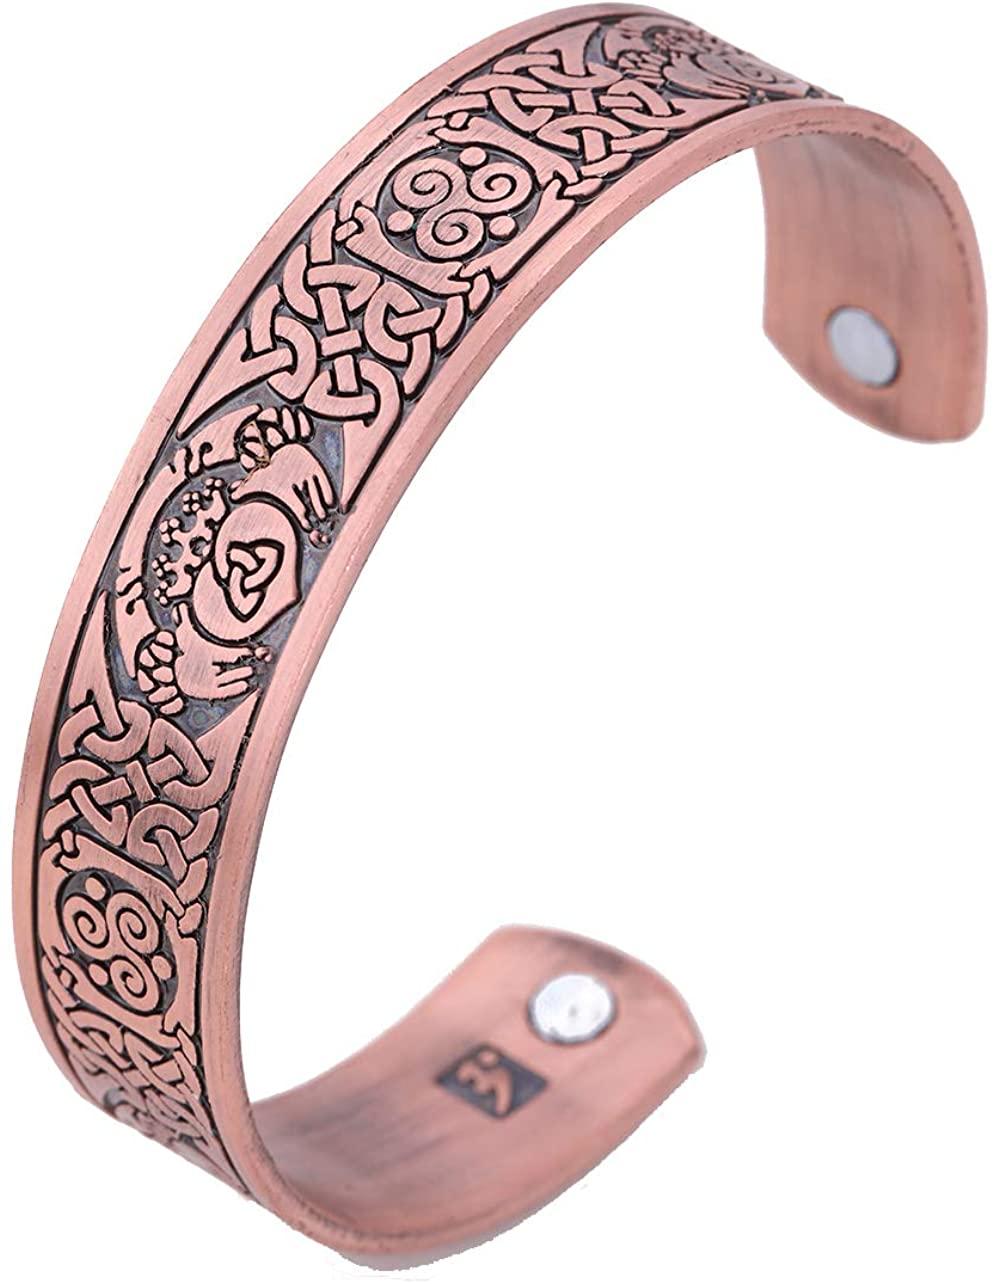 Celtic Knotwork Claddagh Magnetic Cuff Bangle Vintage Bracelet for Love Friendship